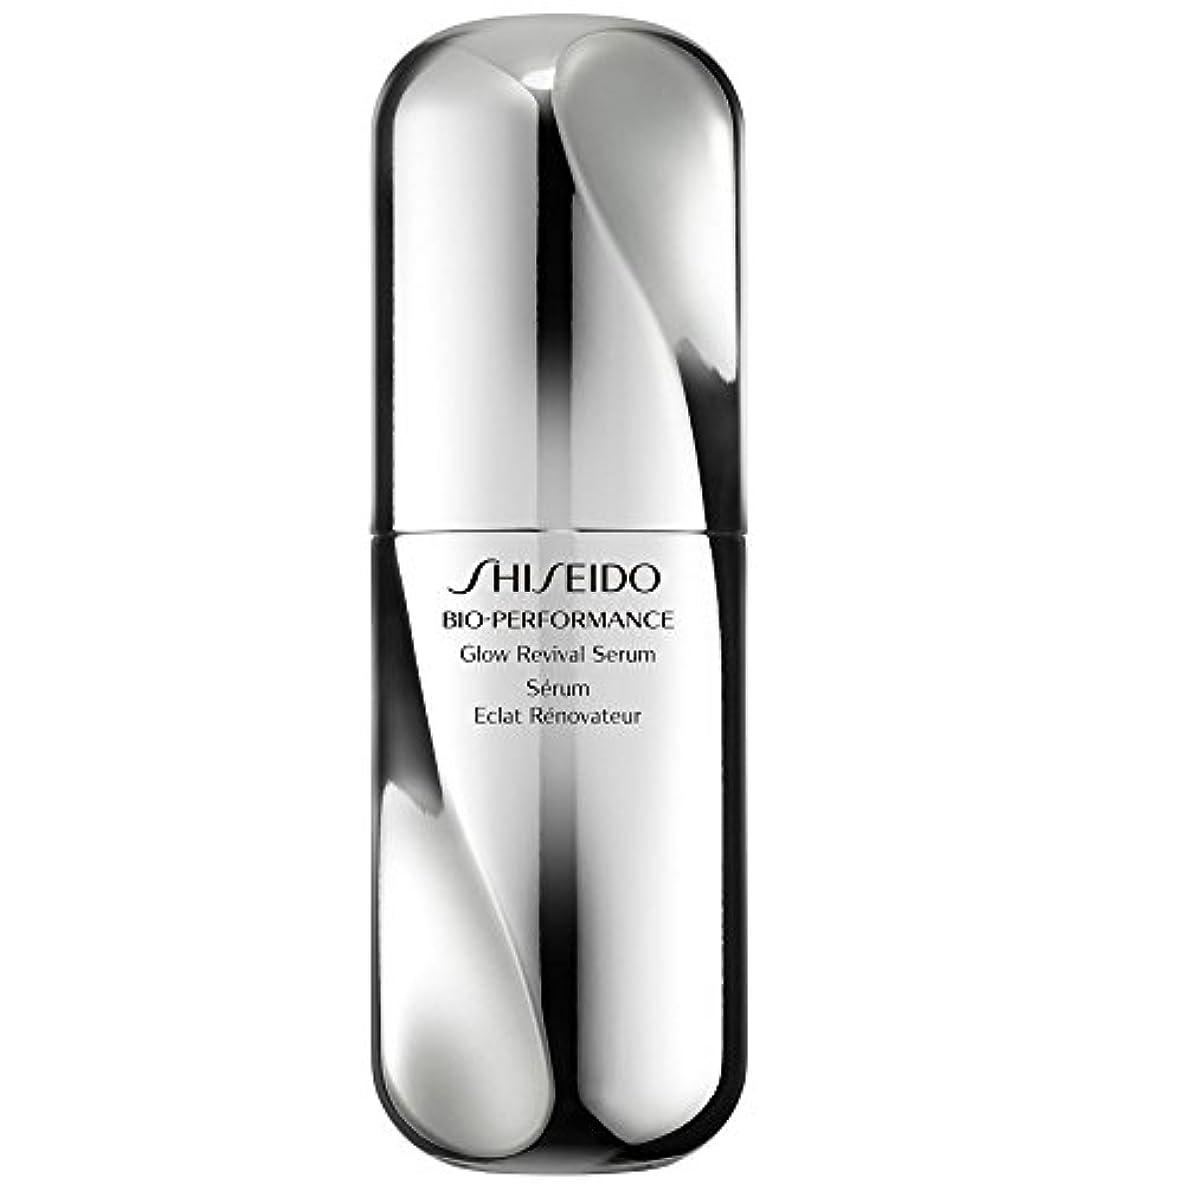 眠り拡張オピエート[Shiseido] 資生堂バイオパフォーマンスグロー復活セラム30Ml - Shiseido Bio-Performance Glow Revival Serum 30ml [並行輸入品]